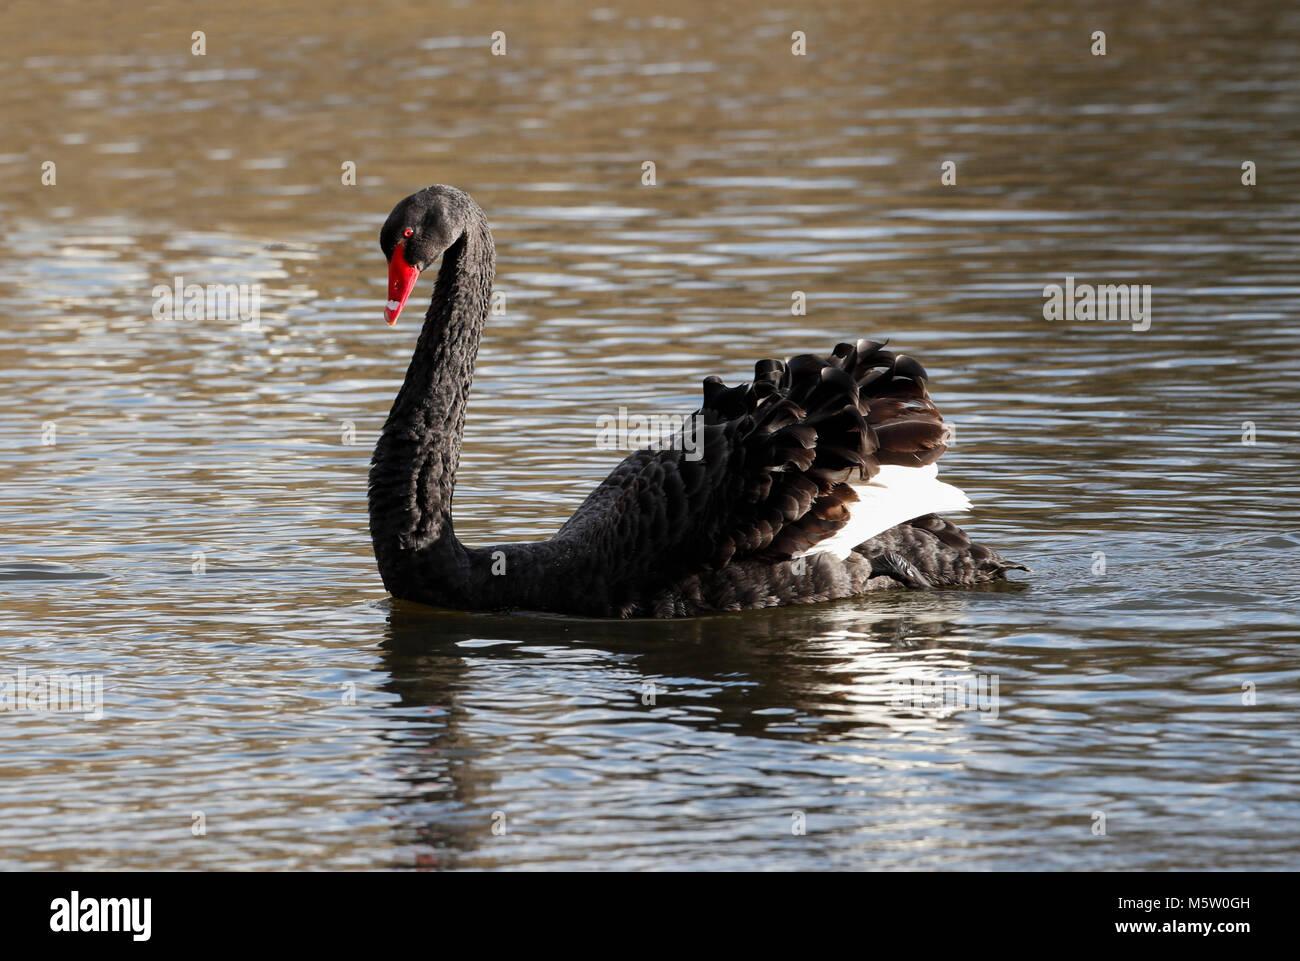 Black Swan  (Cygnus  atratus) - Stock Image